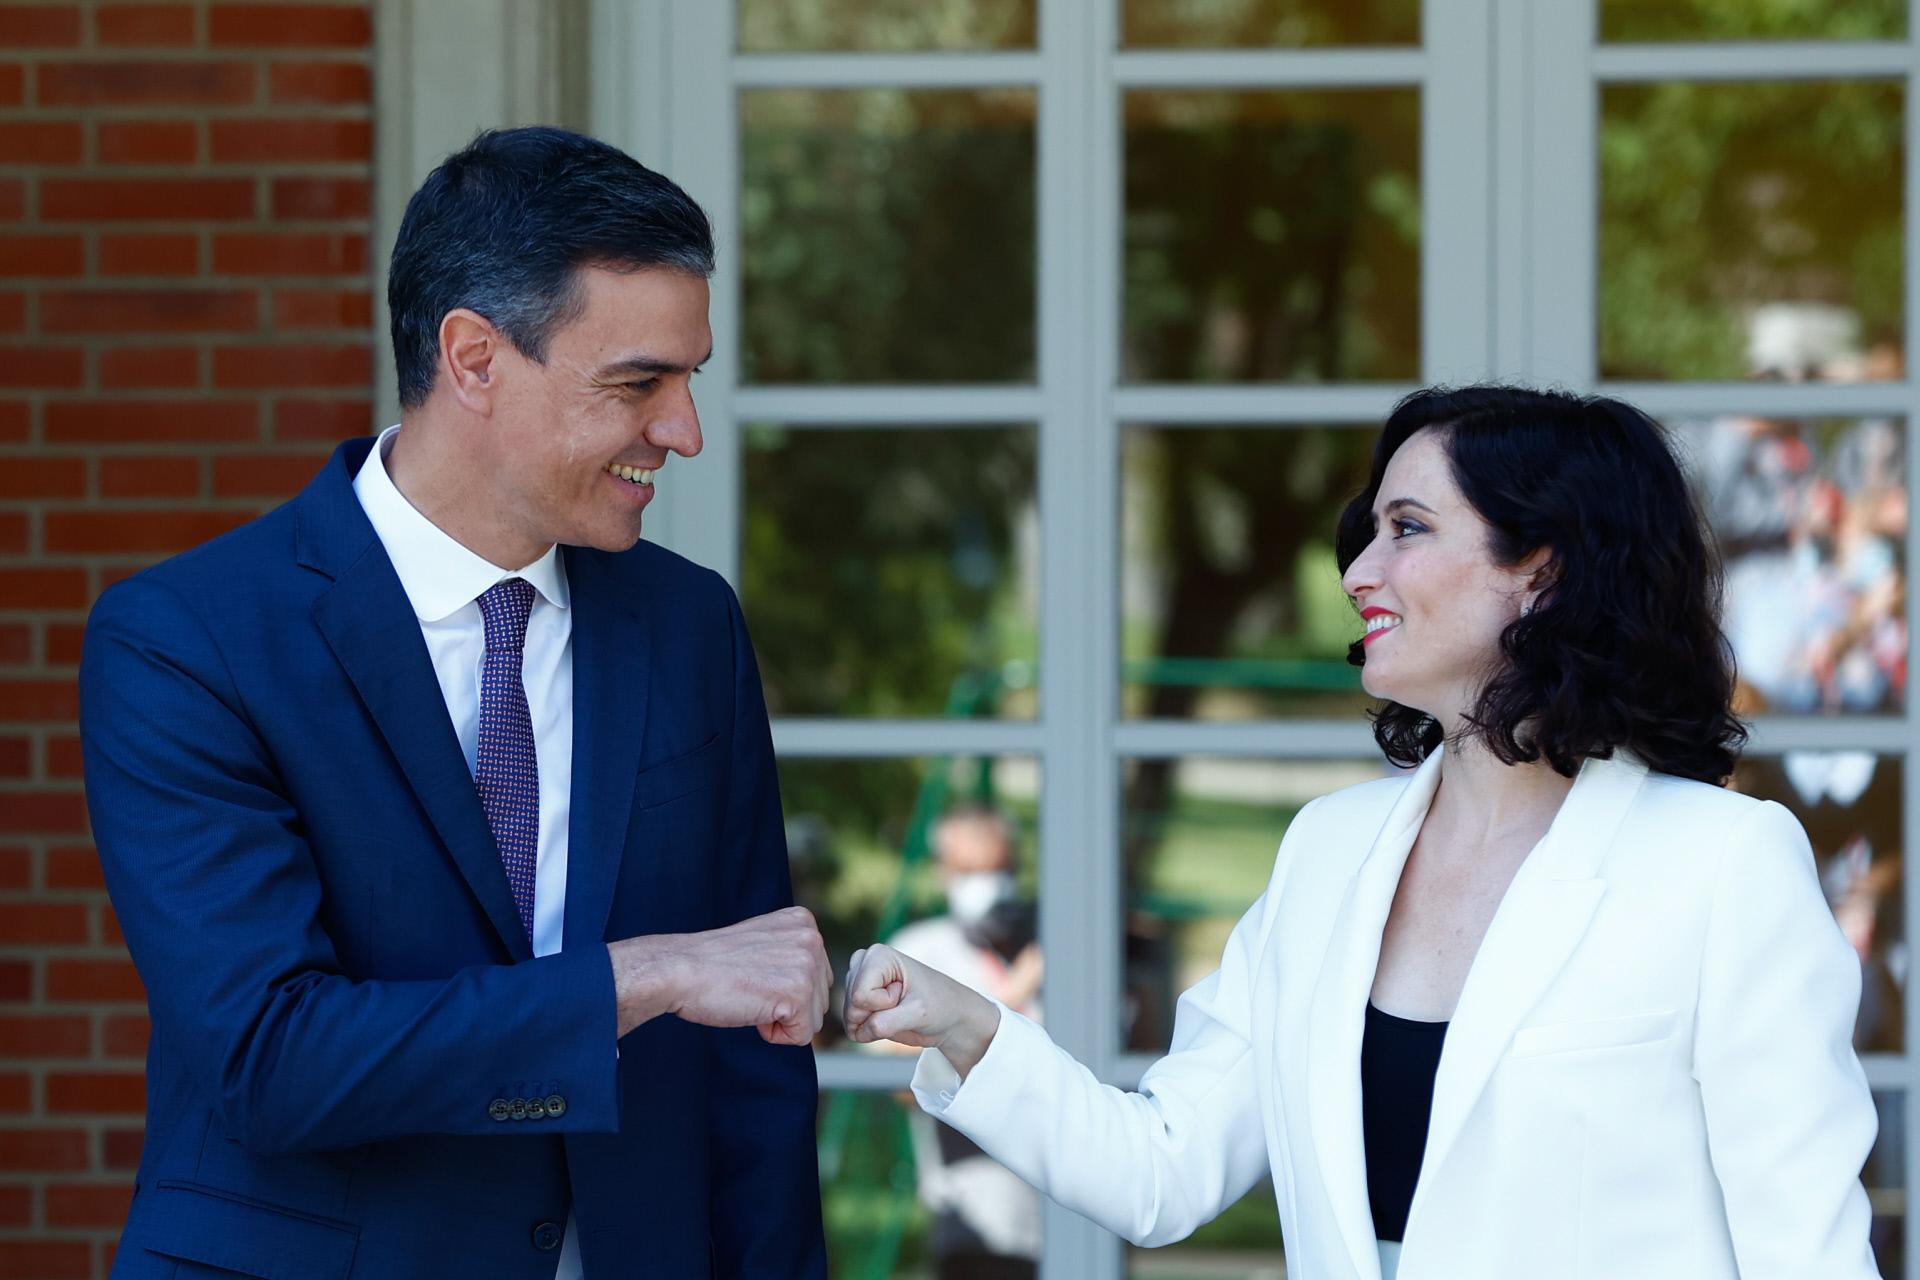 El presidente del Gobierno, Pedro Sánchez, recibe en La Moncloa a la presidenta de la C. de Madrid. Isabel Díaz Ayuso / Gtres